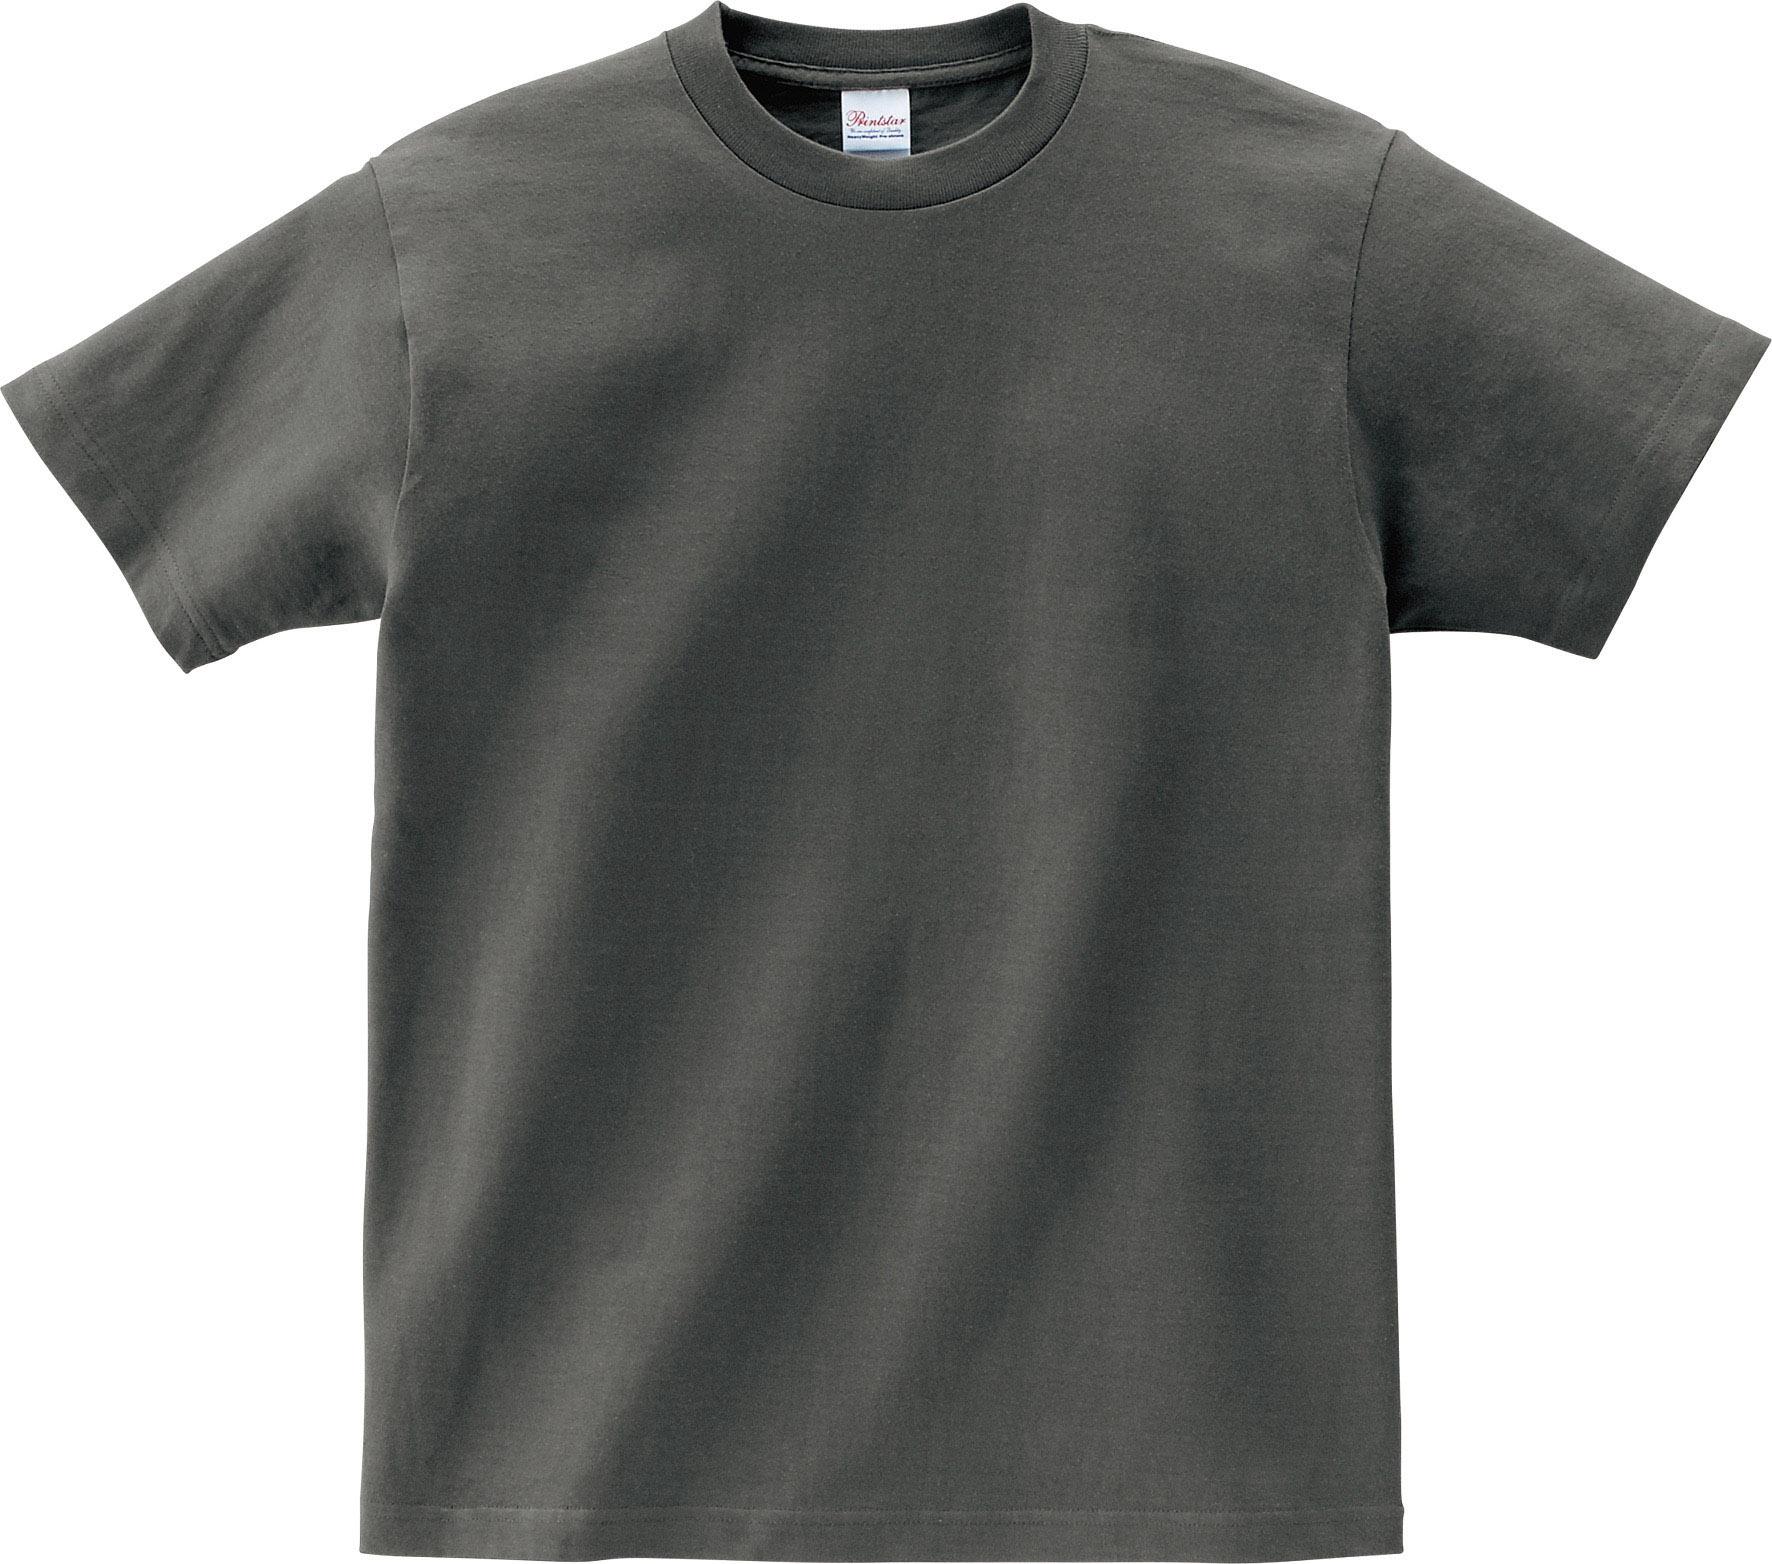 00085-CVT 5.6オンス・ヘビーウェイトTシャツ - 129-チャコール, XXXL